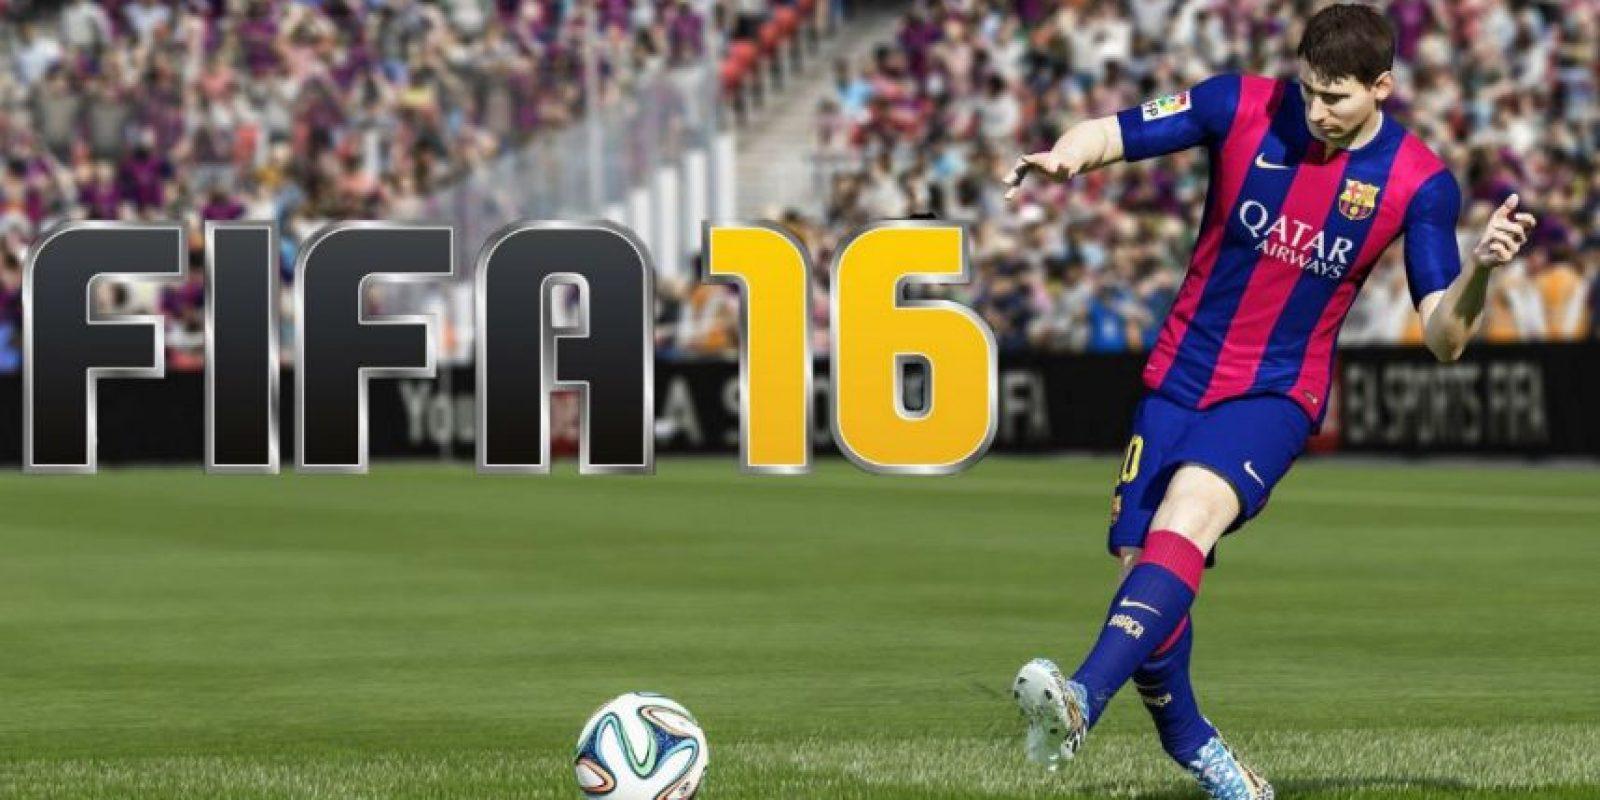 FIFA 16 se lanzará en septiembre próximo. Foto:EA Sports